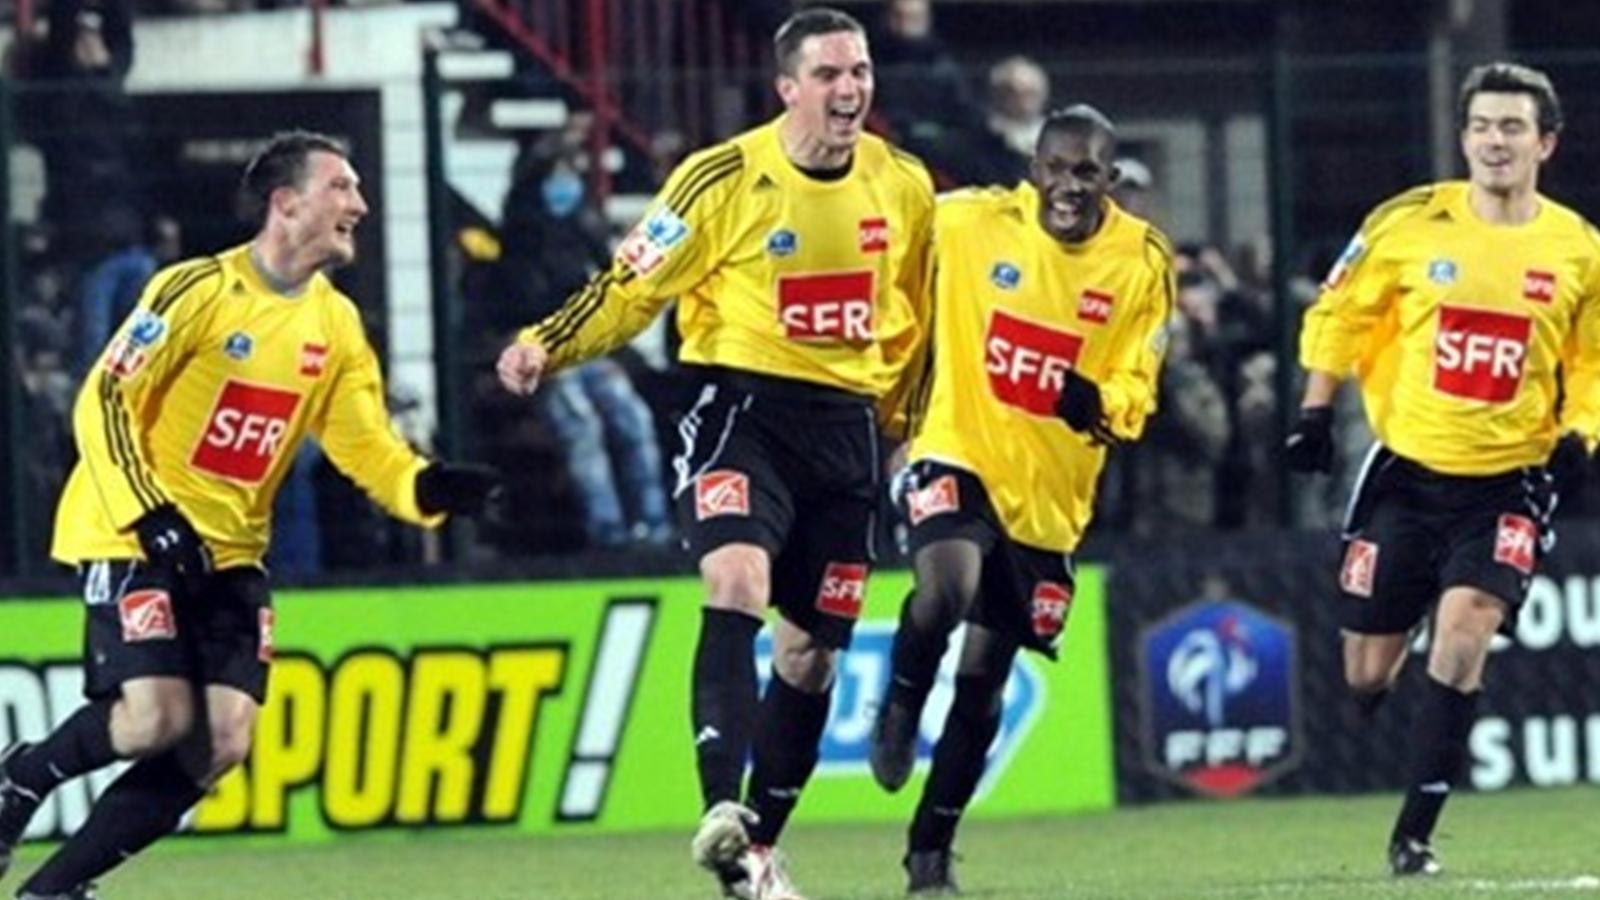 Quevilly tire le psg coupe de france 2009 2010 - Resultat foot feminin coupe de france ...